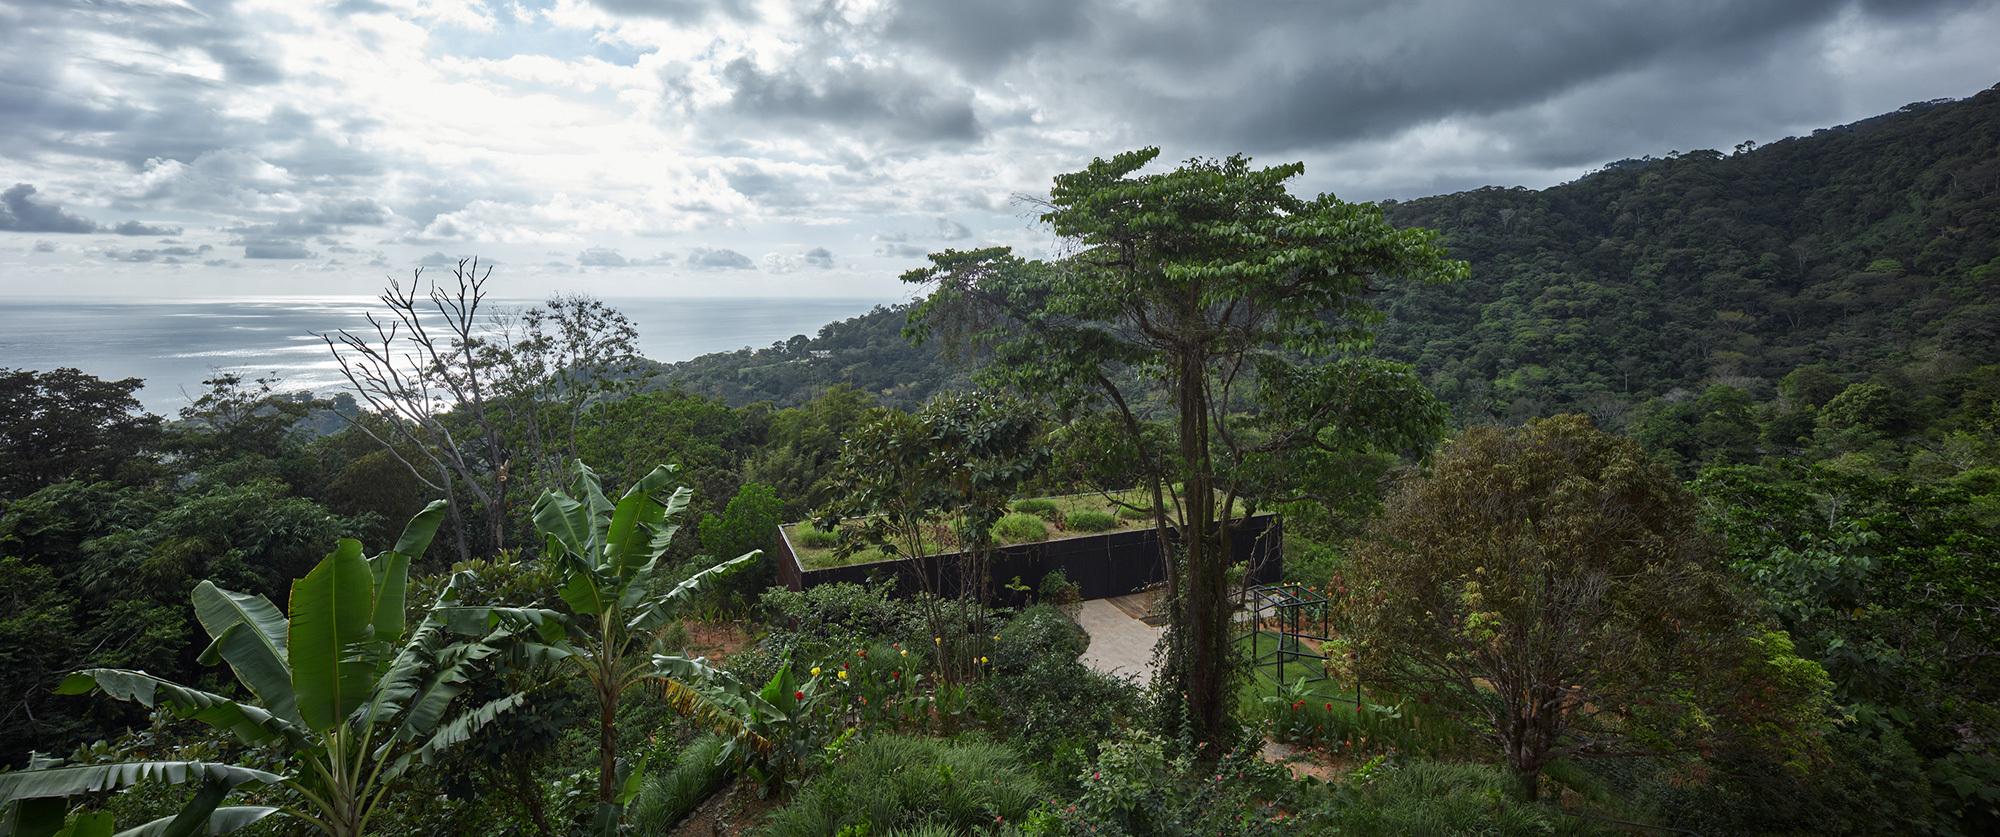 Zur einen Seite eröffnet sich ein Panorama zum Ozean, im Rücken erheben sich die grünen Hügel der Küstenlandschaft.